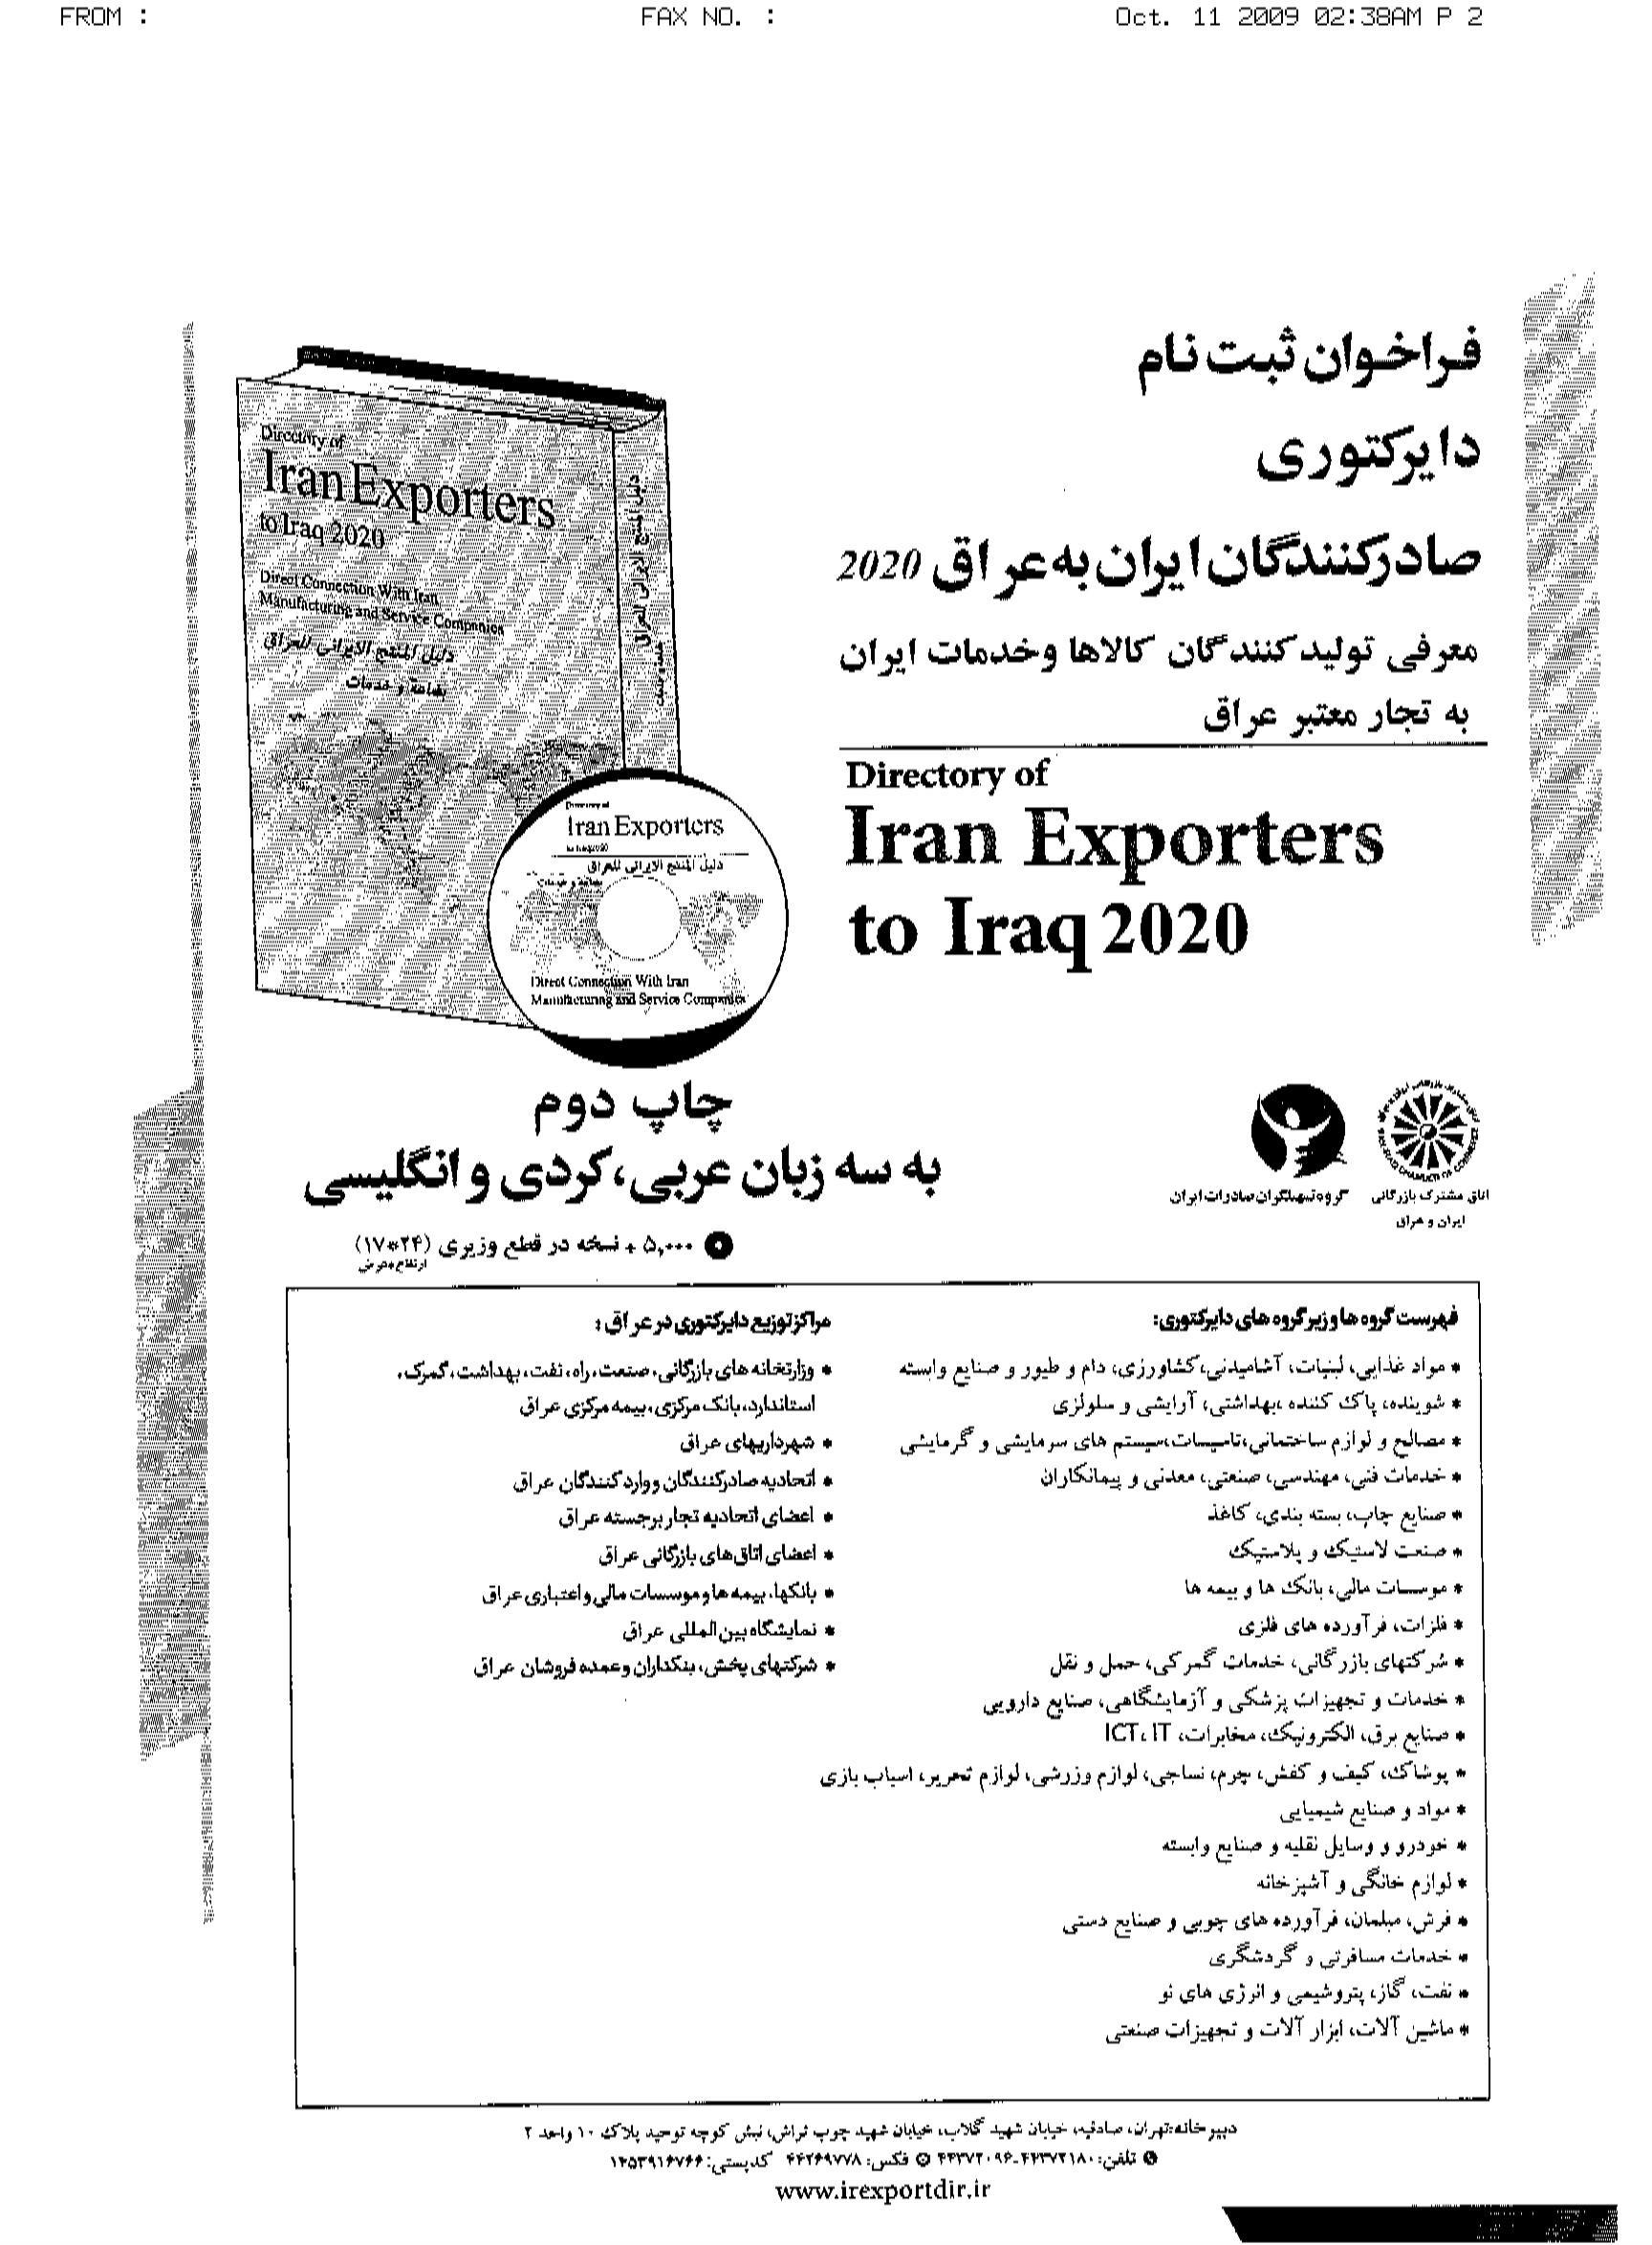 فراخوان معرفی تولید کنندگان و صادر کنندگان کالا ها و خدمات ایران به بازار عراق